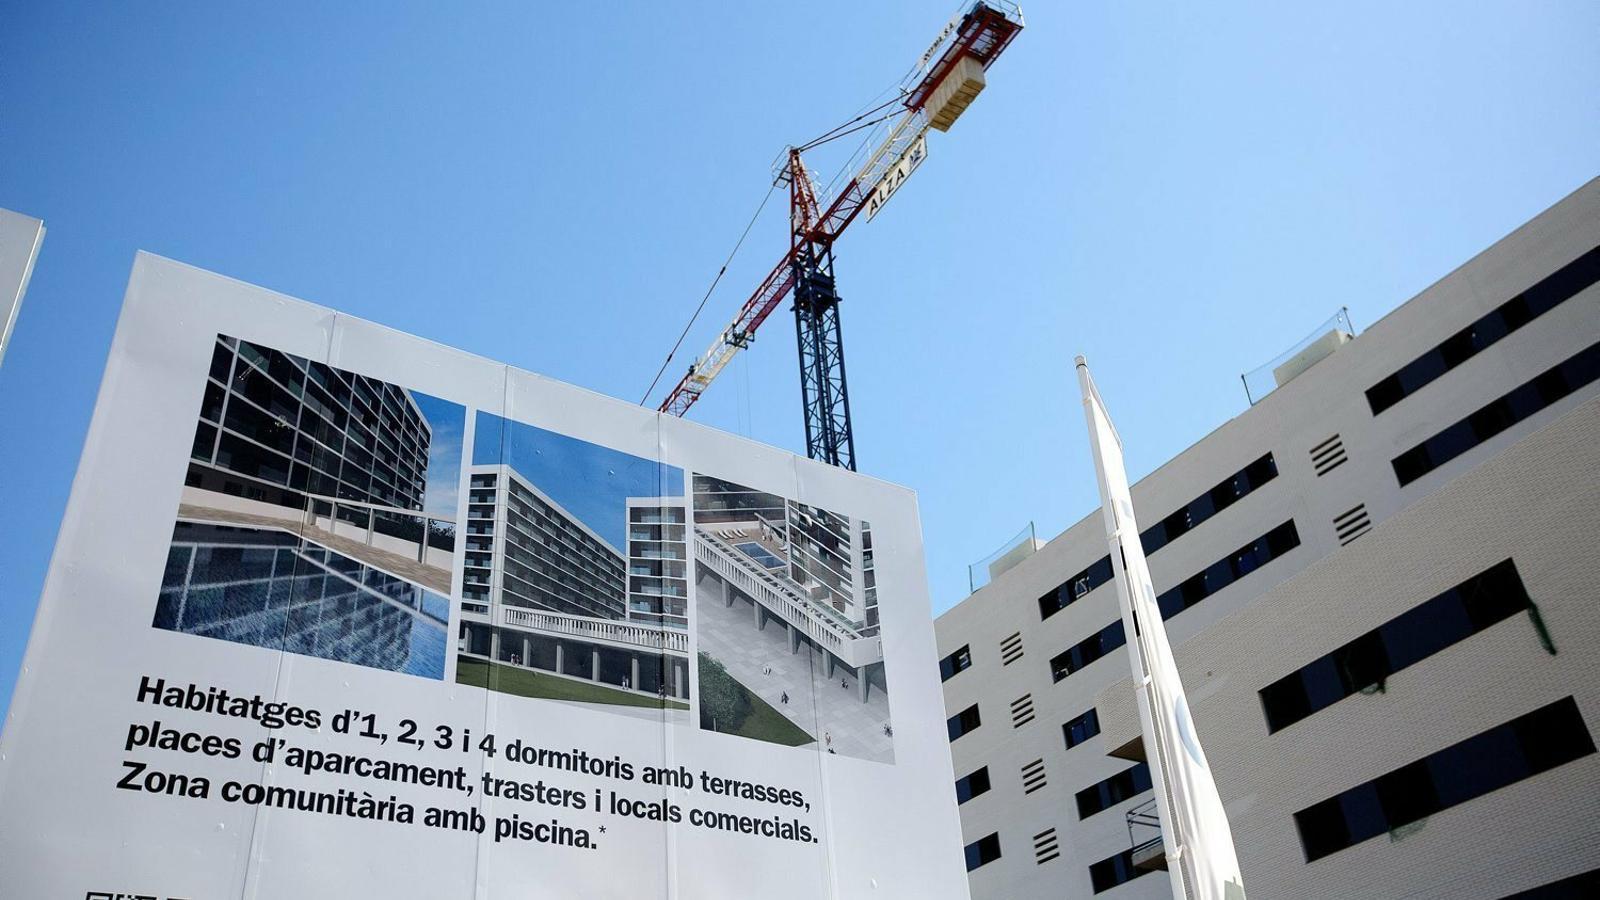 El decret de mesures urgents en matèria d'habitatge entrarà en vigor quan es publiqui en el BOIB